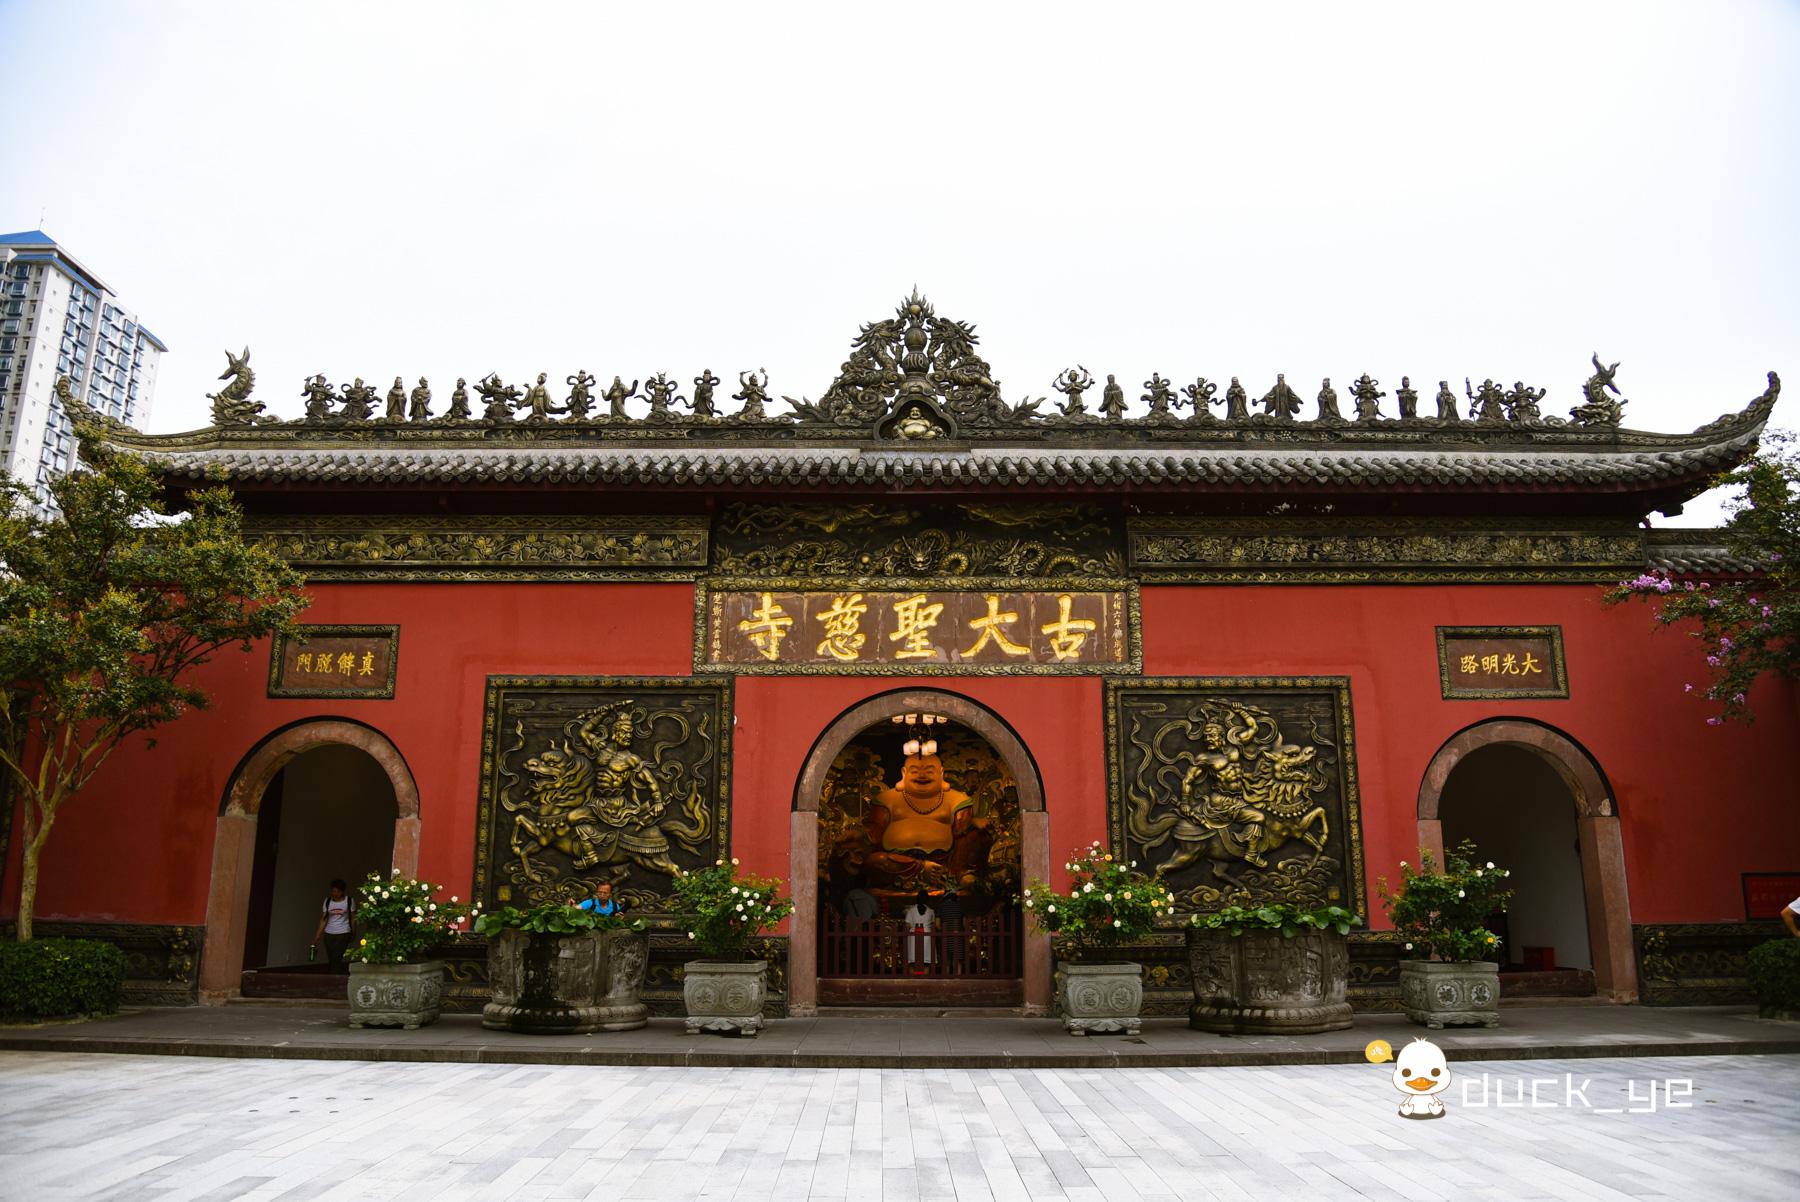 成都最低调景点,1600余年历史,还是唐僧受戒处,藏在繁华商业区